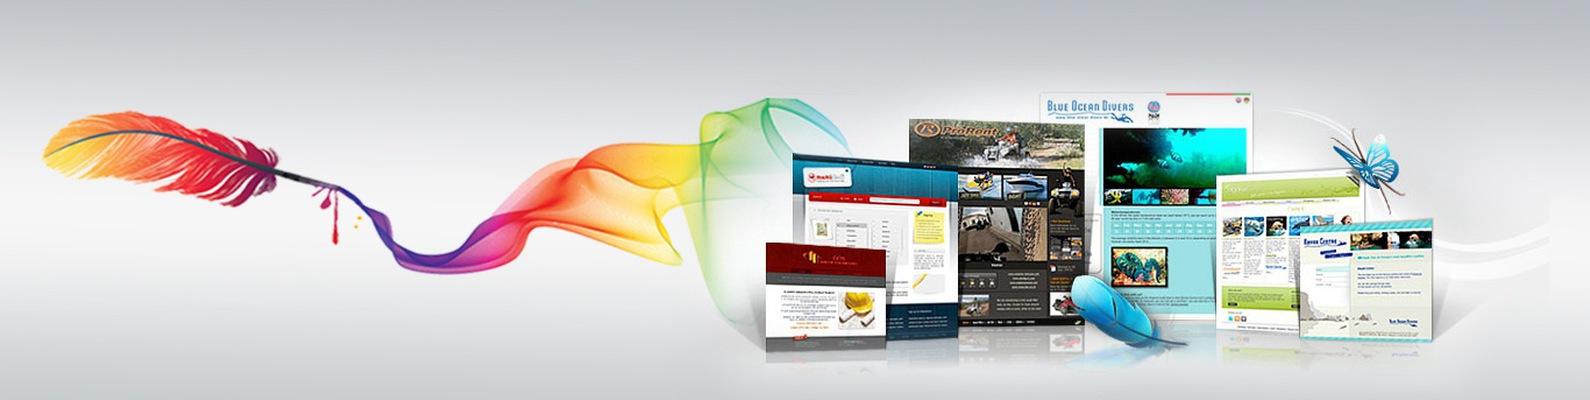 Создание шапок сайтов создание сайта бесплатно в омске